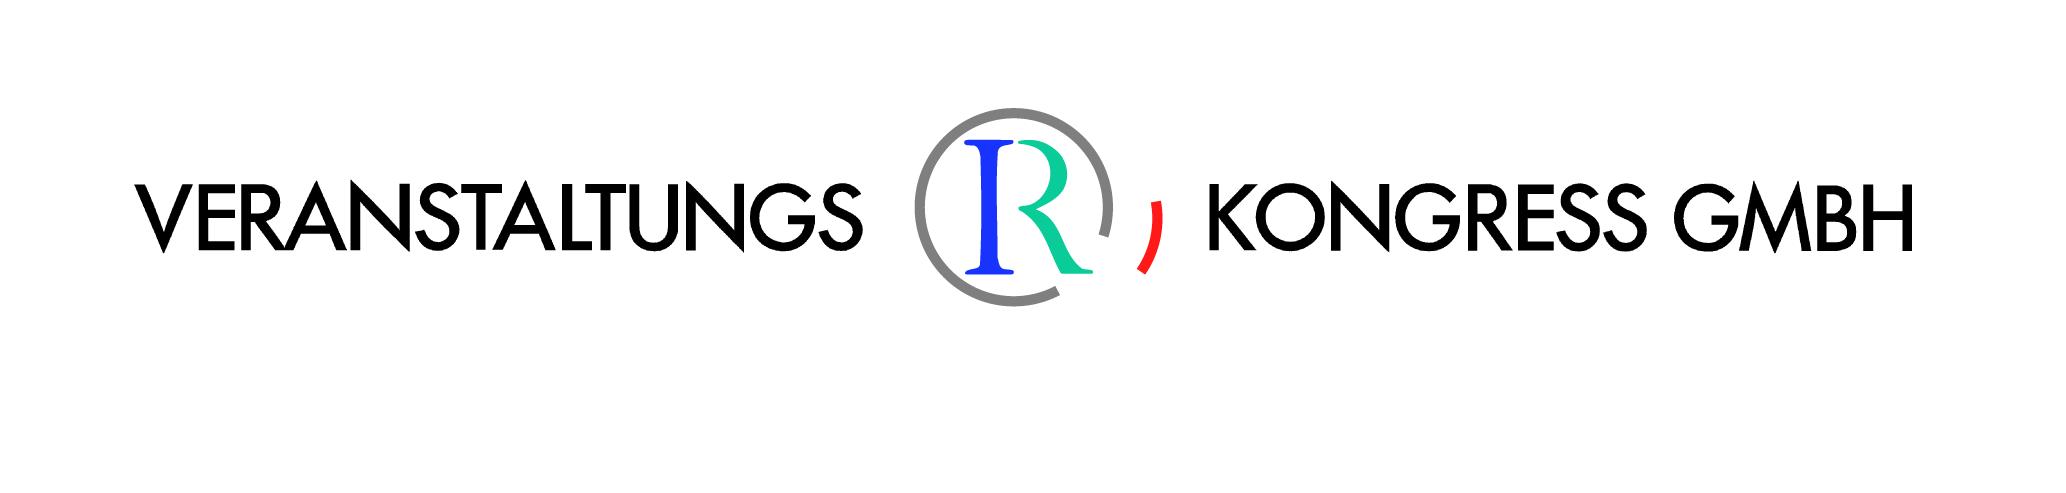 Mitarbeiter (m/w/d) Ausstellungsorganisation/Registrar - Veranstaltungs+Kongress GmbH Rosenheim - Logo